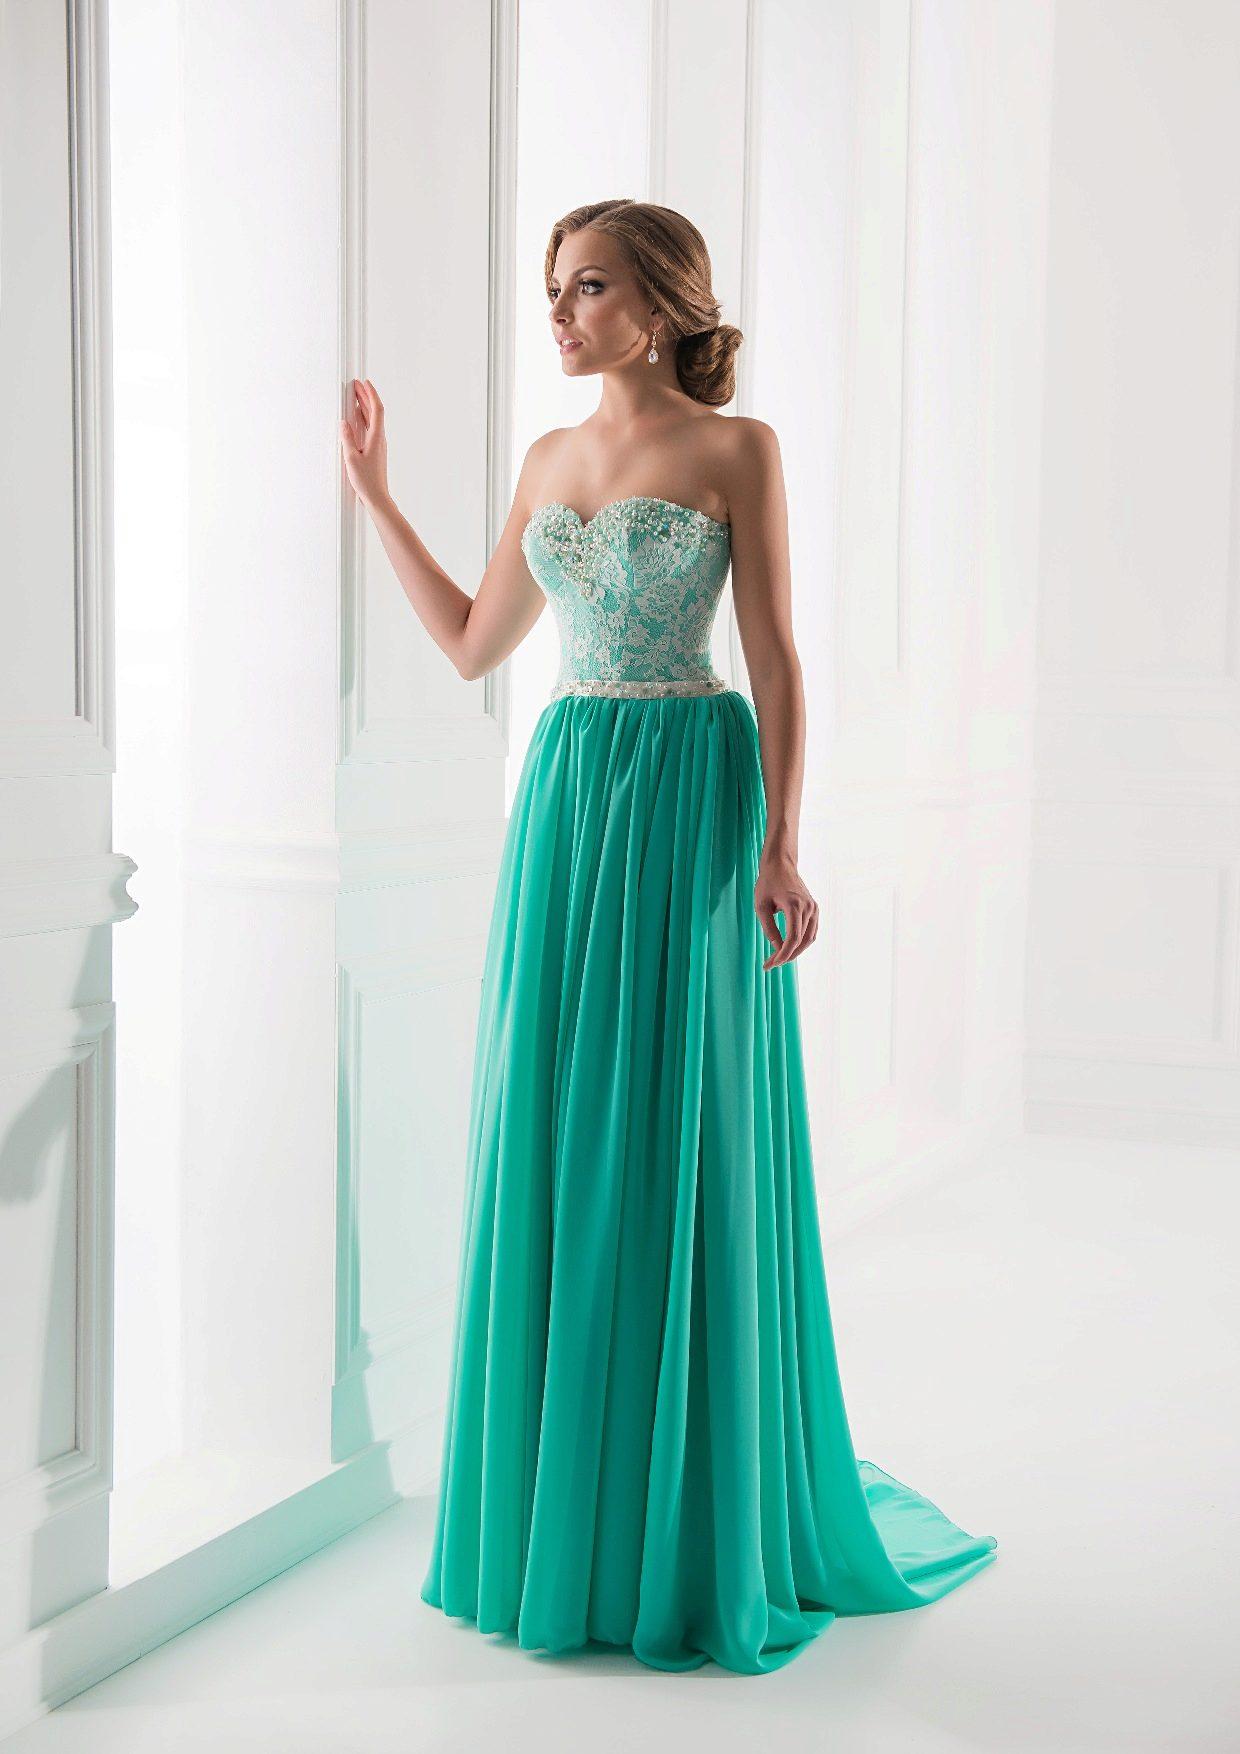 Платья мятного цвета: длинные в пол и короткие, аксессуары и макияж, сочетание с черным, туфли и маникюр 751